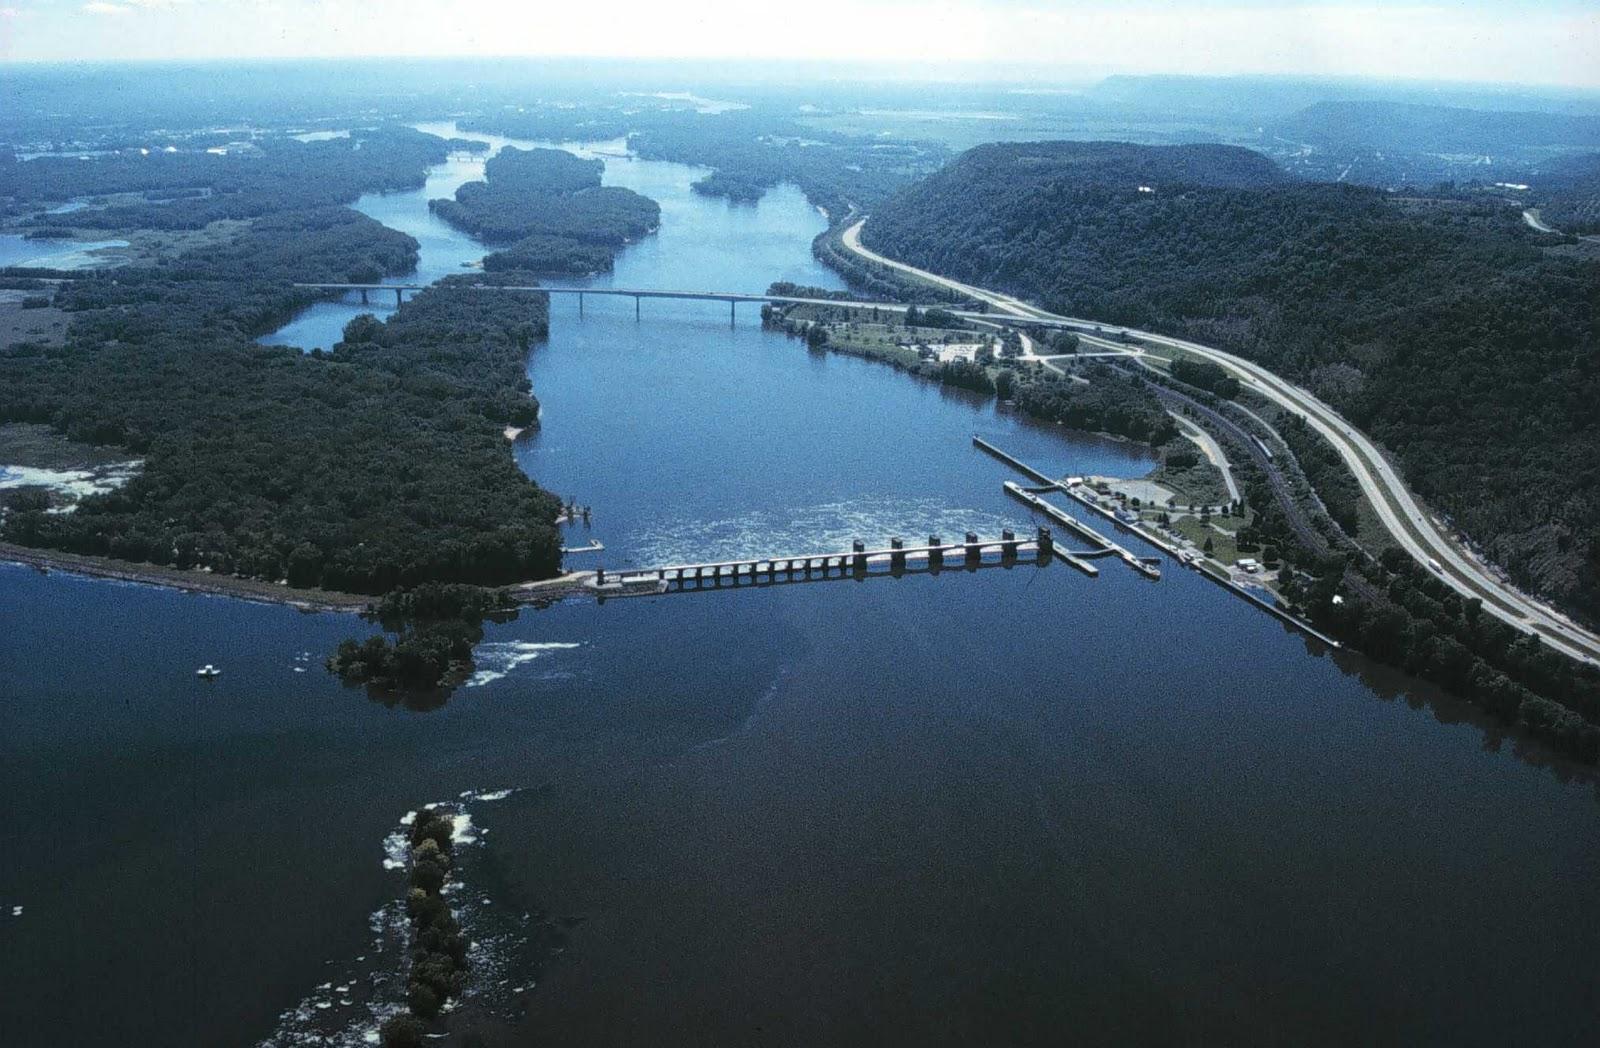 Worlds Top Ten Longest Rivers List Of Longest Rivers In World - Ten longest rivers